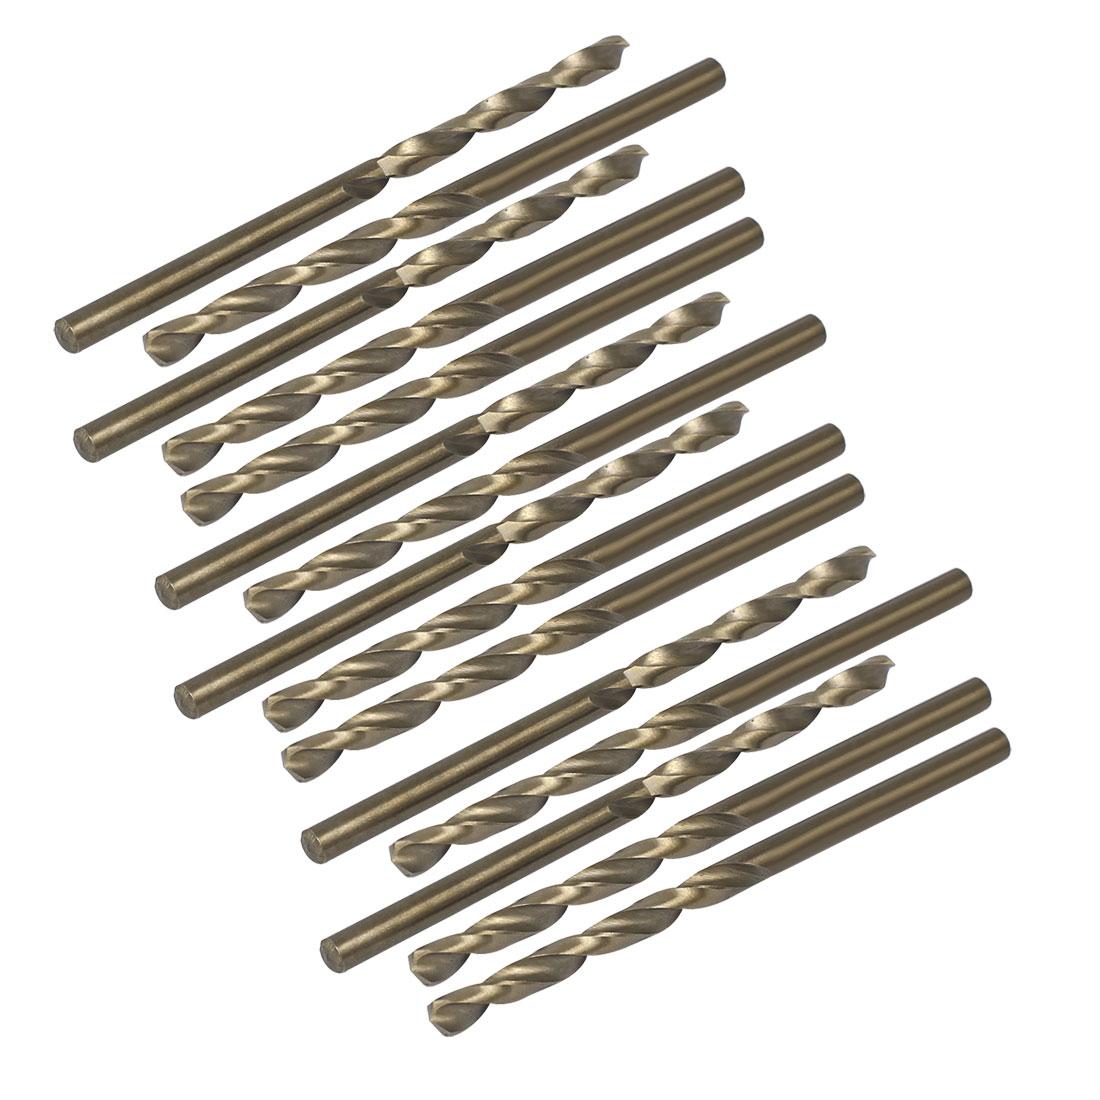 3.2mm Drilling Dia HSS Cobalt Metric Spiral Twist Drill Bit Rotary Tool 15pcs